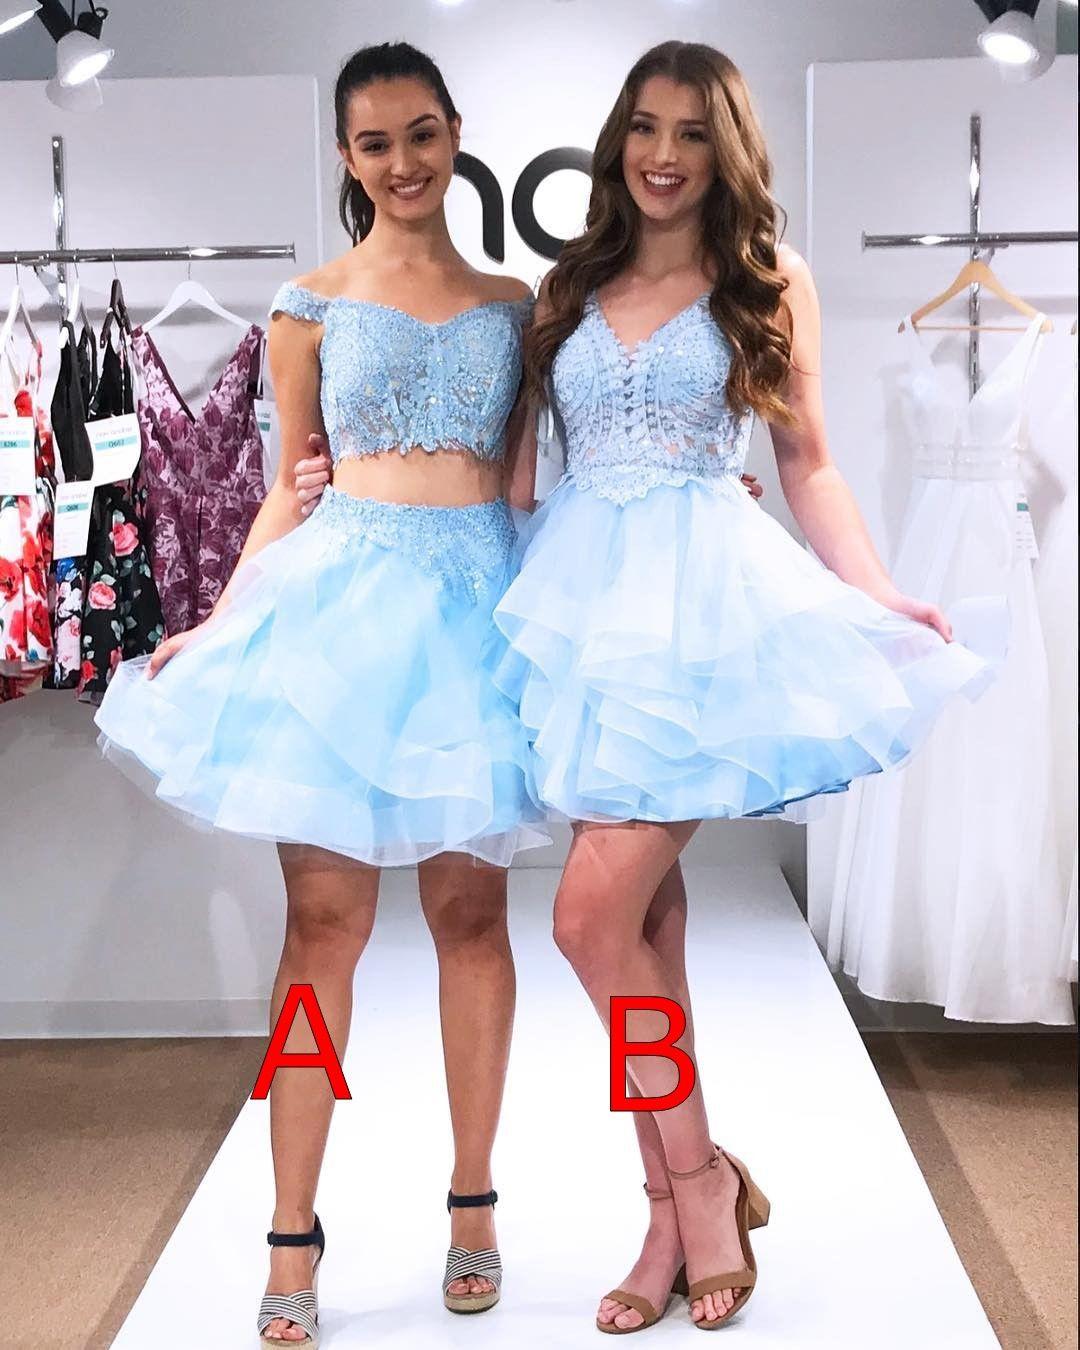 Nova Chegada do Bebê Azul Duas Peças Curtas Homecoming Vestidos de Baile Vestidos de Formatura Robes de cocktail Ocasião Especial vestido